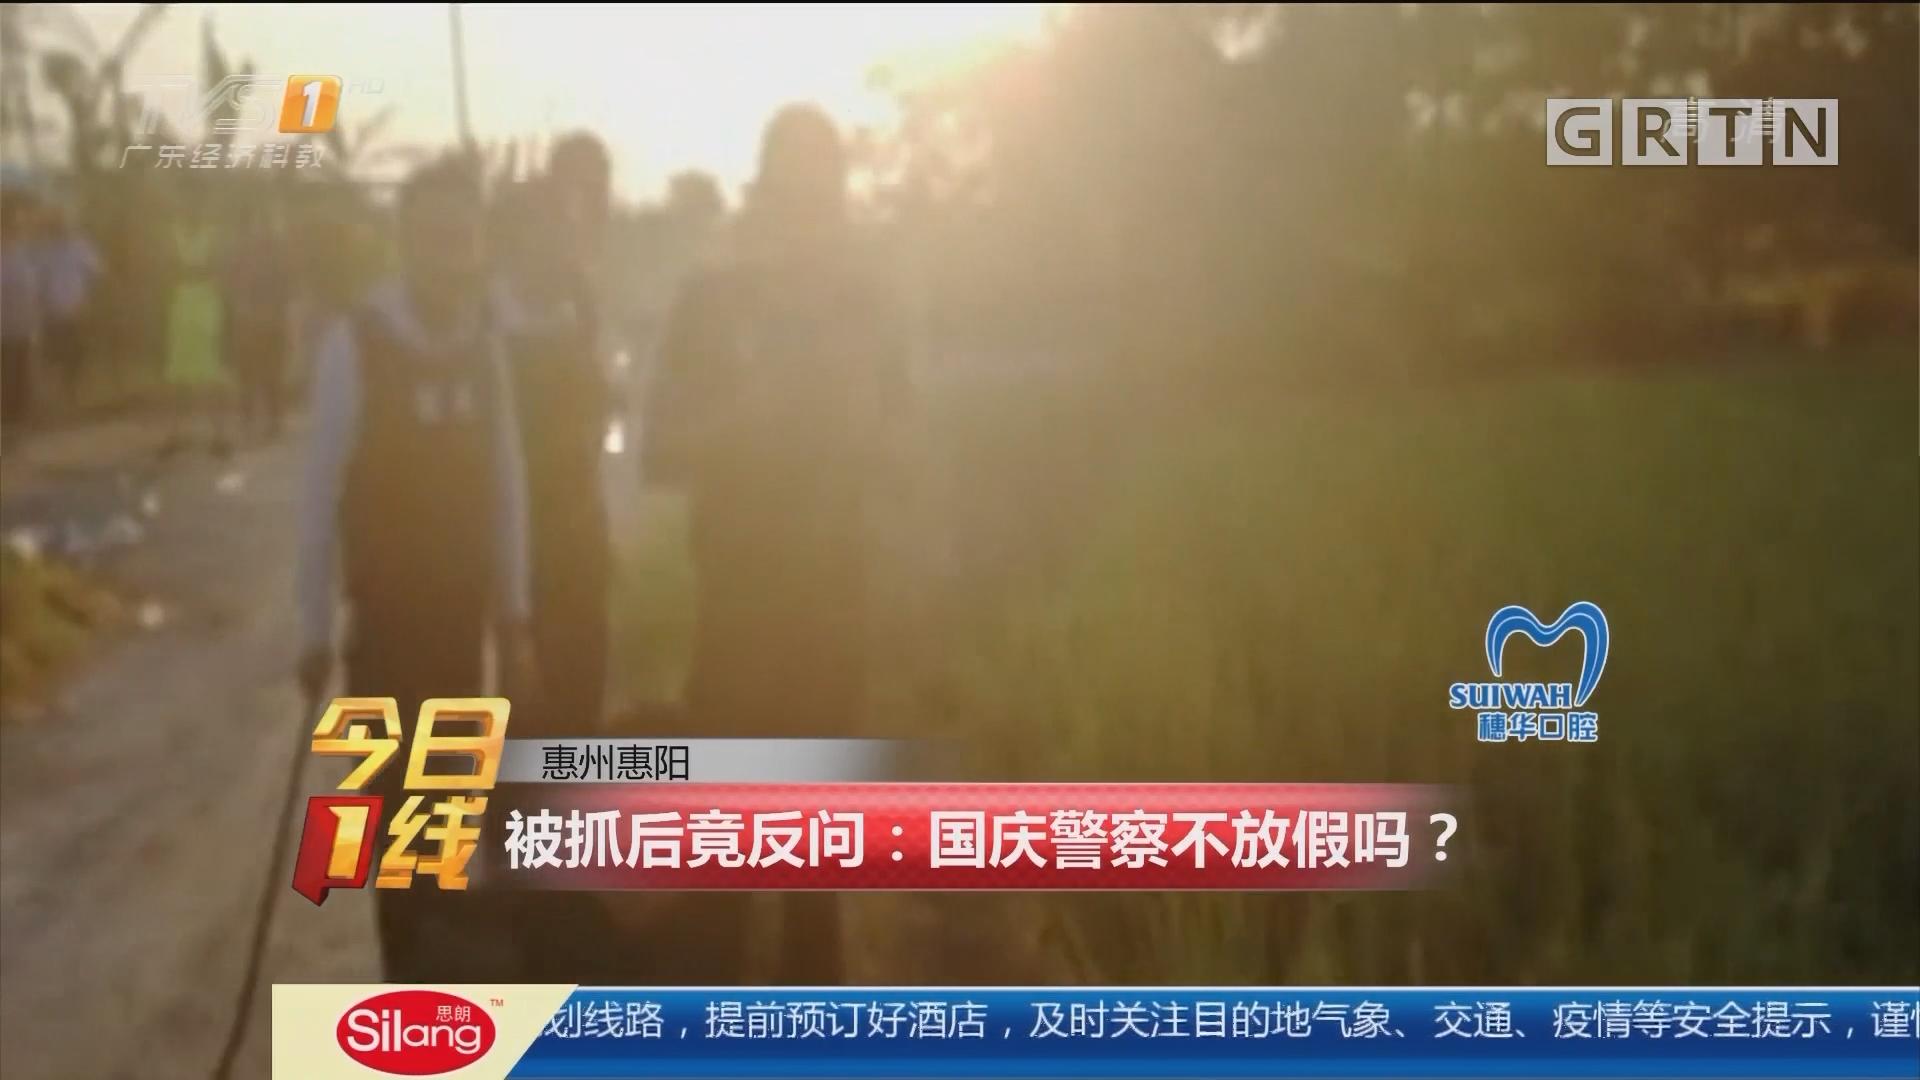 惠州惠阳 被抓后竟反问:国庆警察不放假吗?